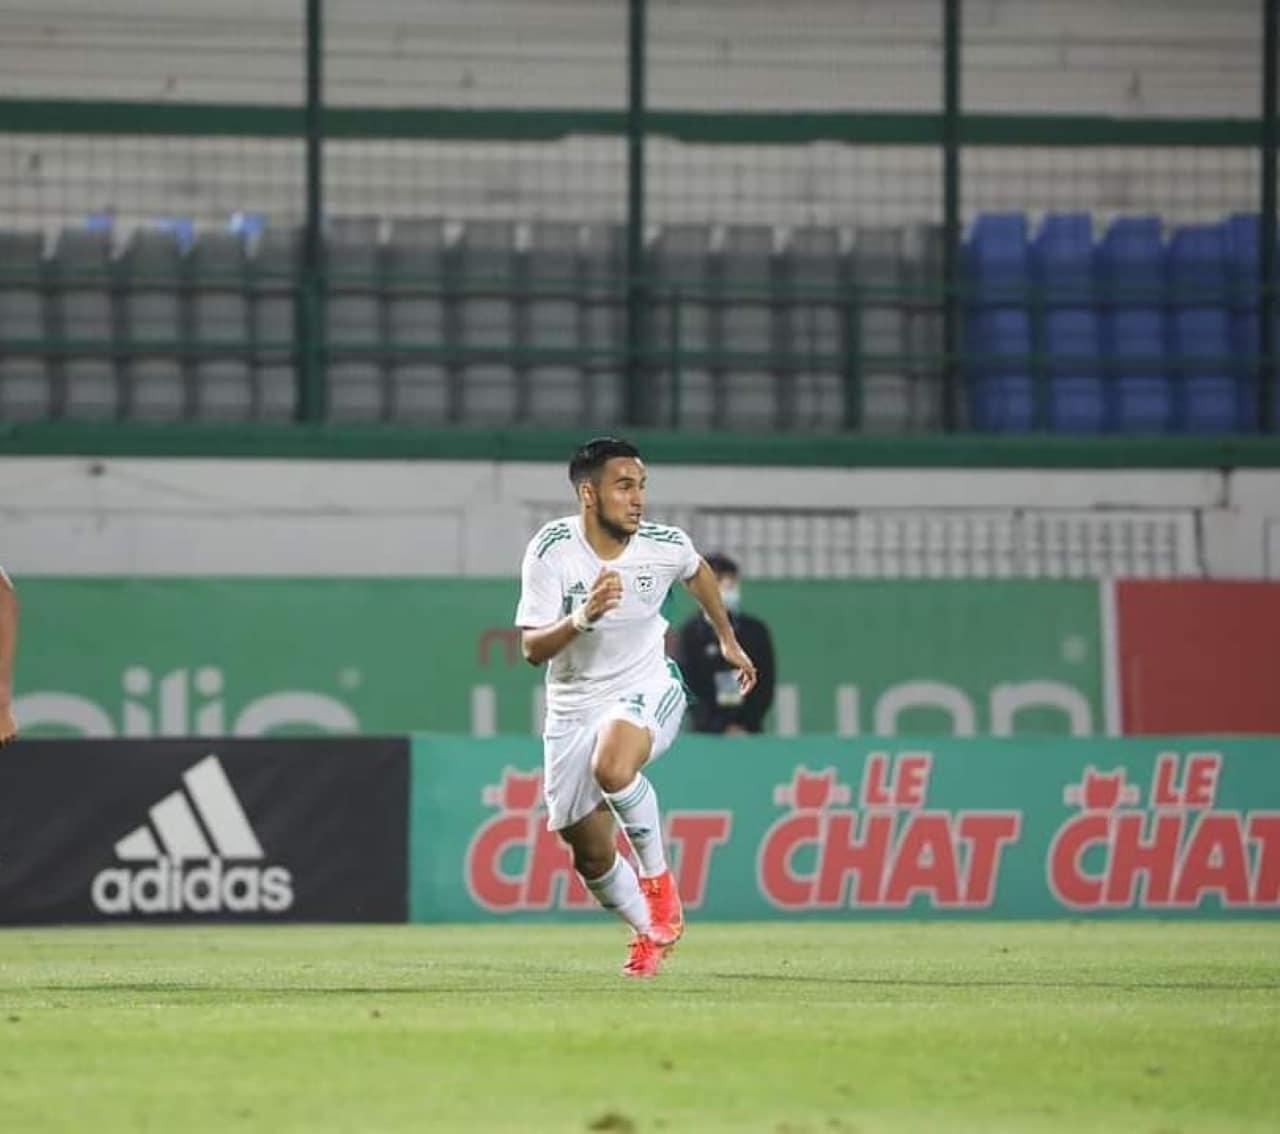 Ounas Algeria